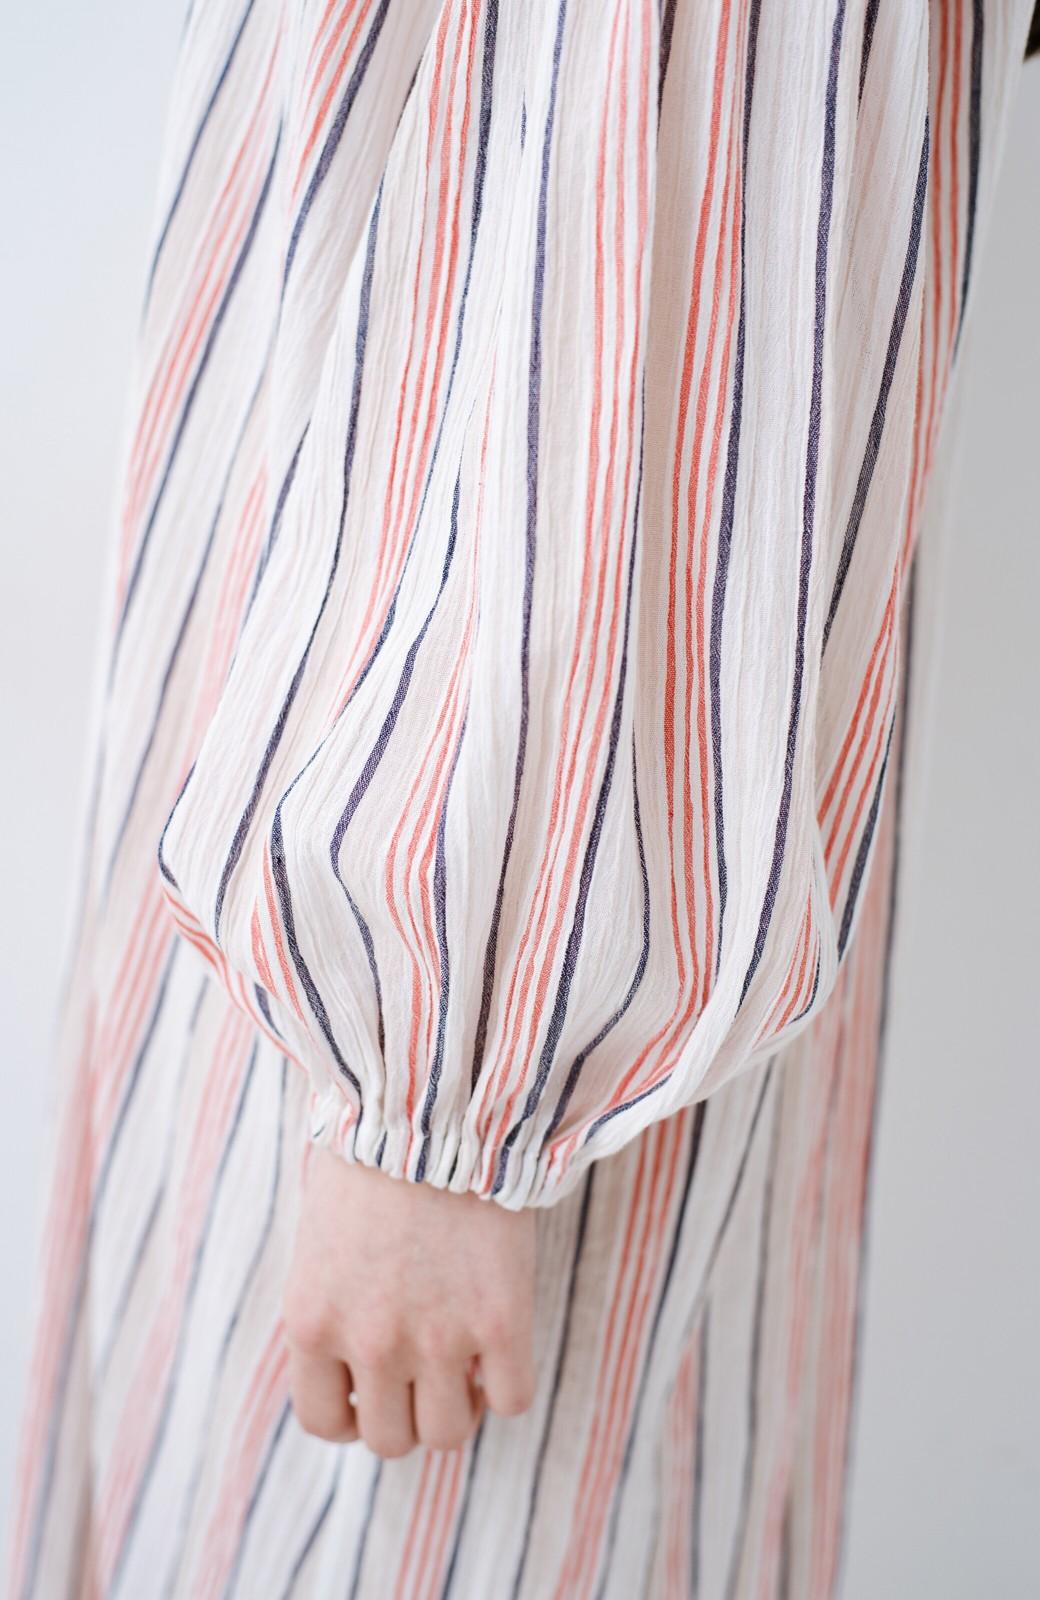 haco! haco! 時間のない朝でも気分の上がる コーデがパッと完成する 羽織にもなるやわらか楊柳素材のストライプワンピース <レッド系その他>の商品写真12